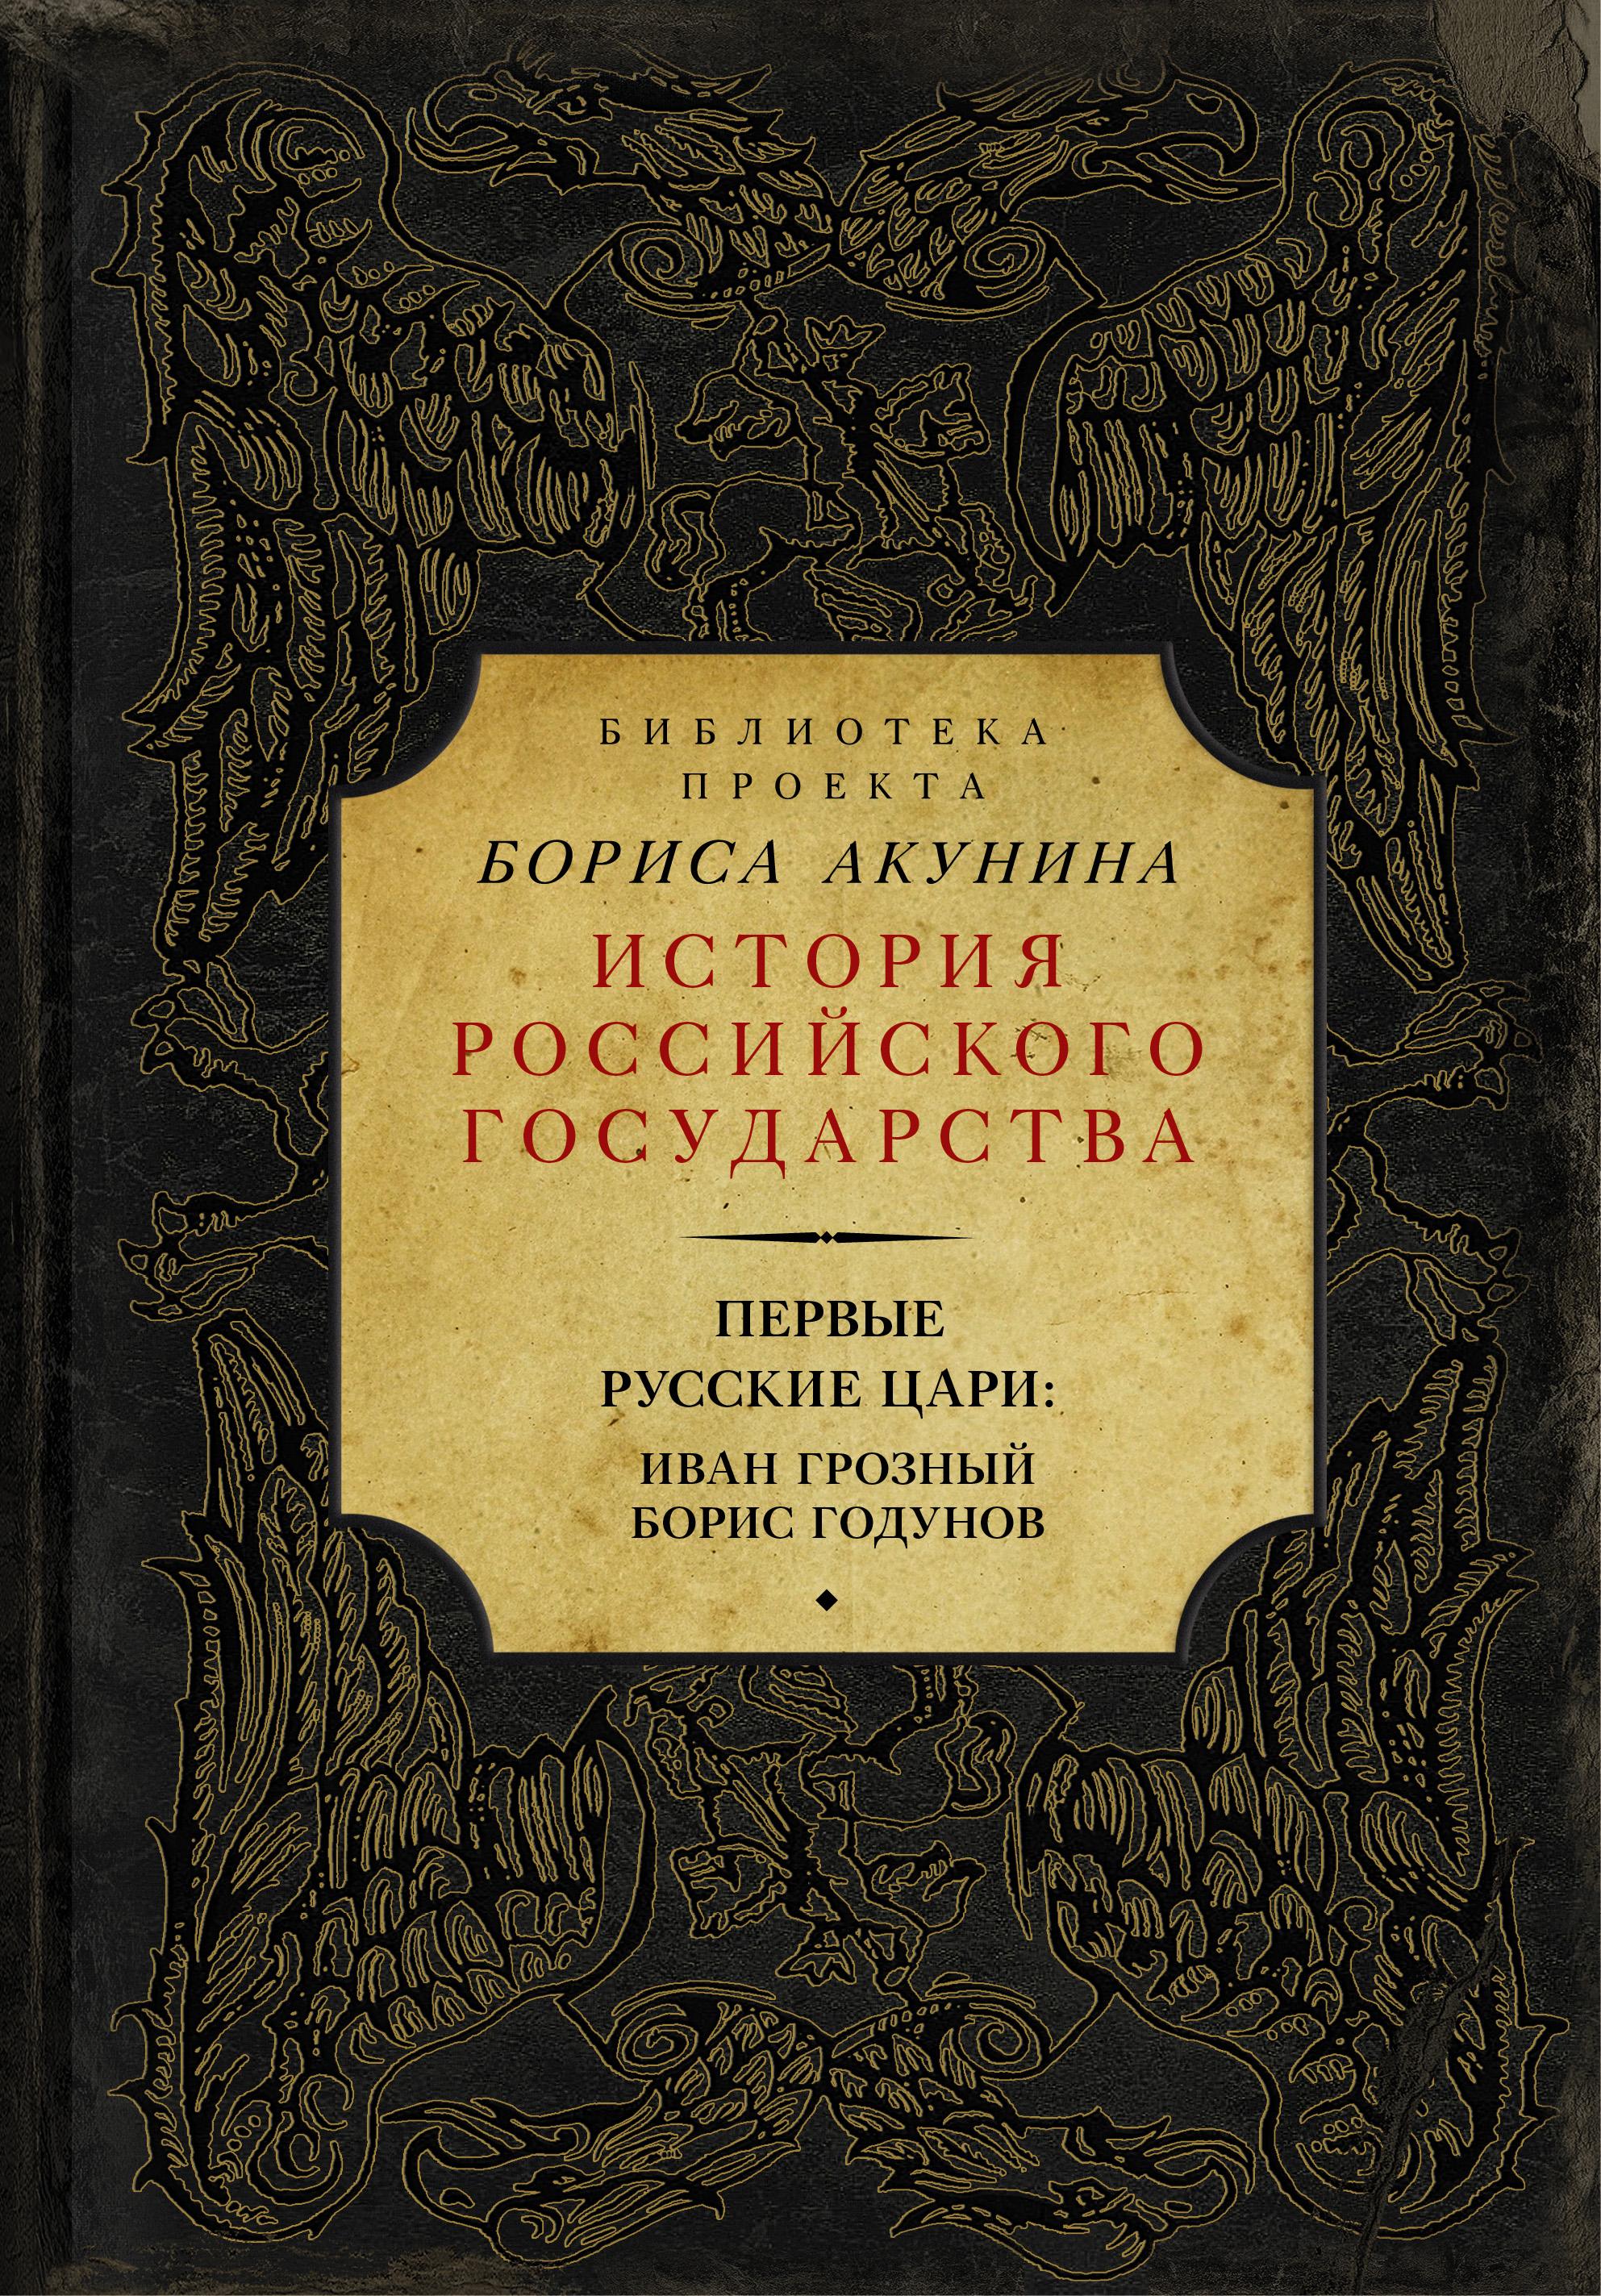 Борис Акунин Первые русские цари: Иван Грозный, Борис Годунов (сборник)